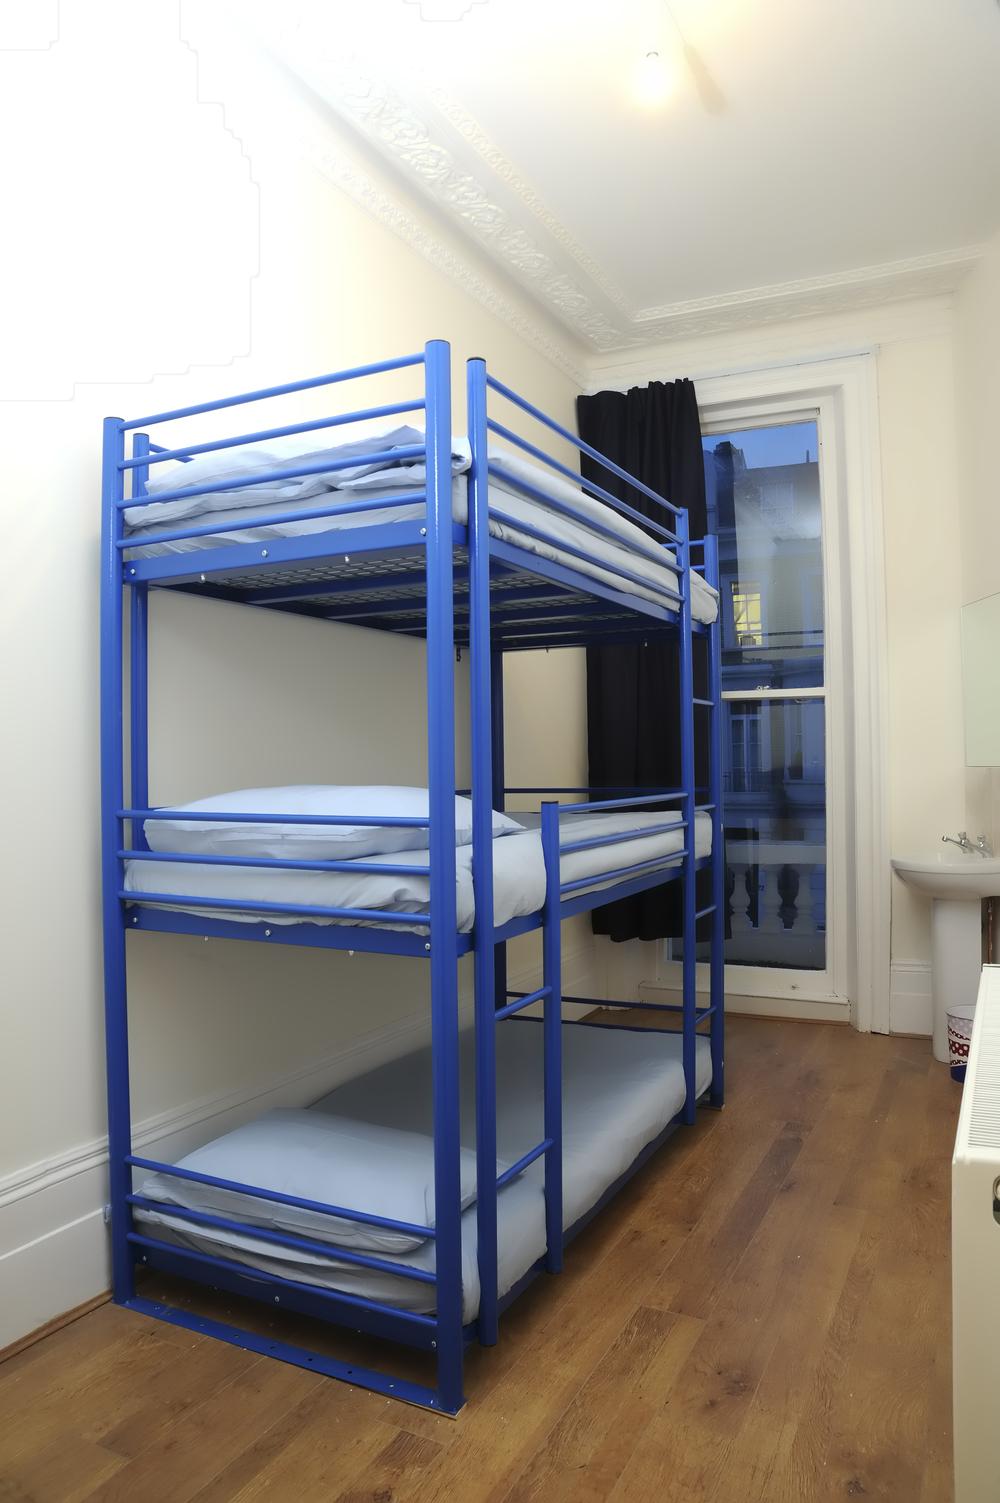 Unser Dreifachstockbettzimmer bietet die kostengünstigste alternative für kleine Reisegruppen.